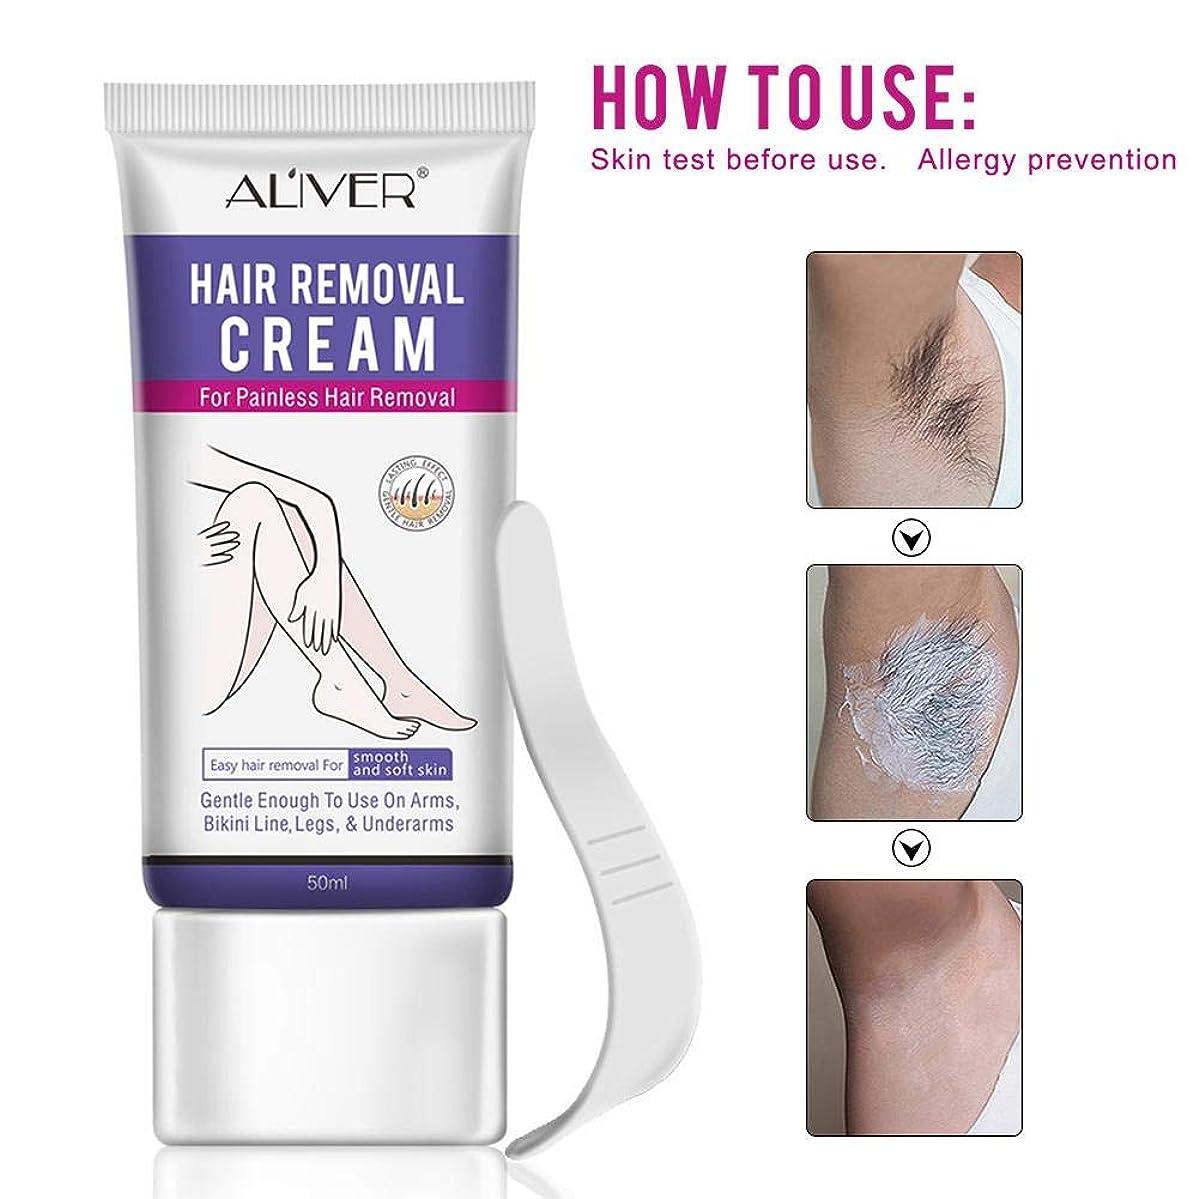 密接に速報コンベンション優しく髪の毛を取り除き、痛みのない髪の毛の除去クリーム、マイルドで刺激がありません、髪の毛、足、ボディケア、美容と健康のスキンケアを取り除きます